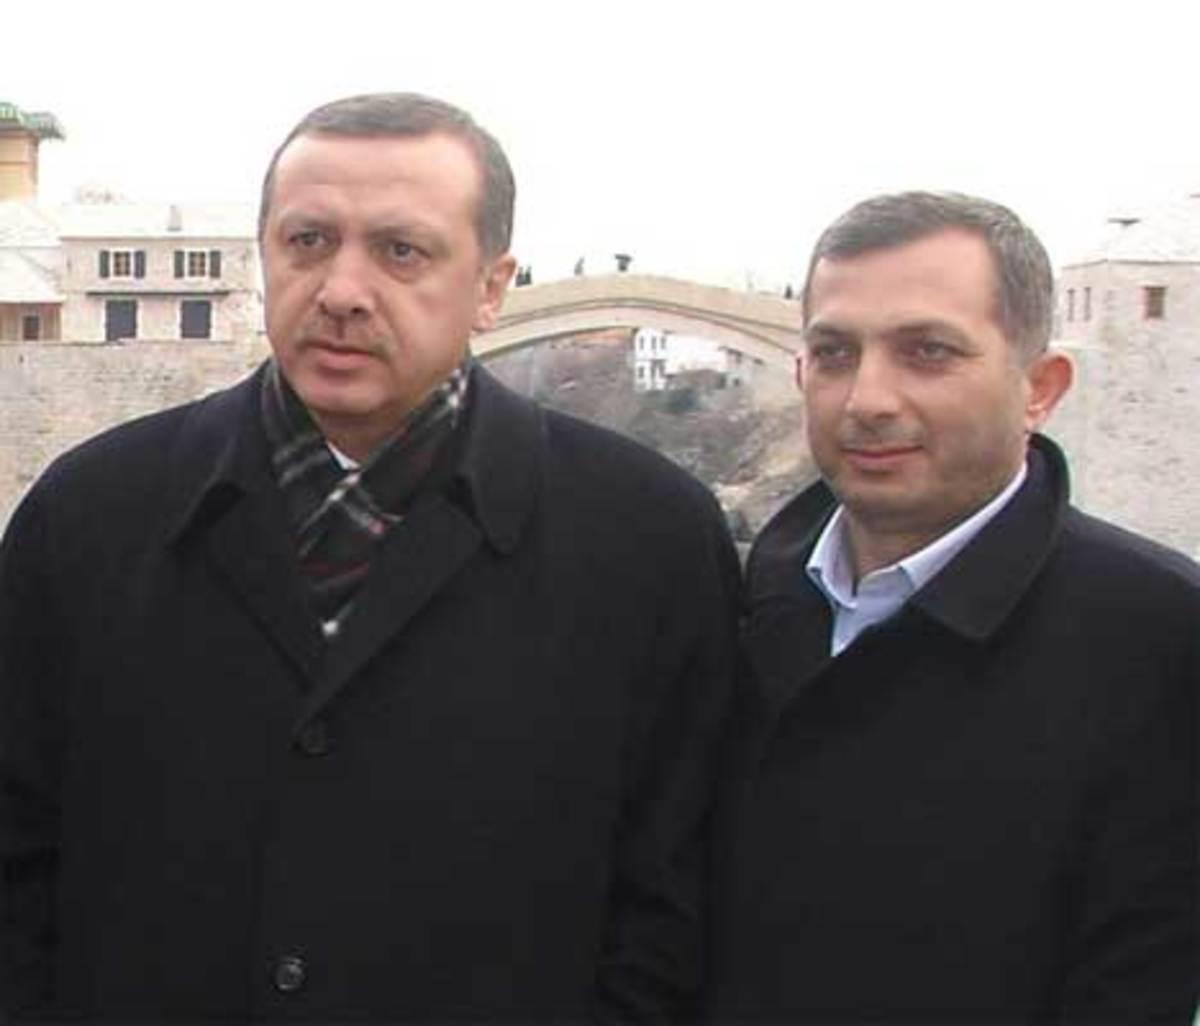 """Κλιμακώνει ο Ερντογάν: Θέλει την """"Δυτική Θράκη"""" και τα νησιά του Αιγαίου"""